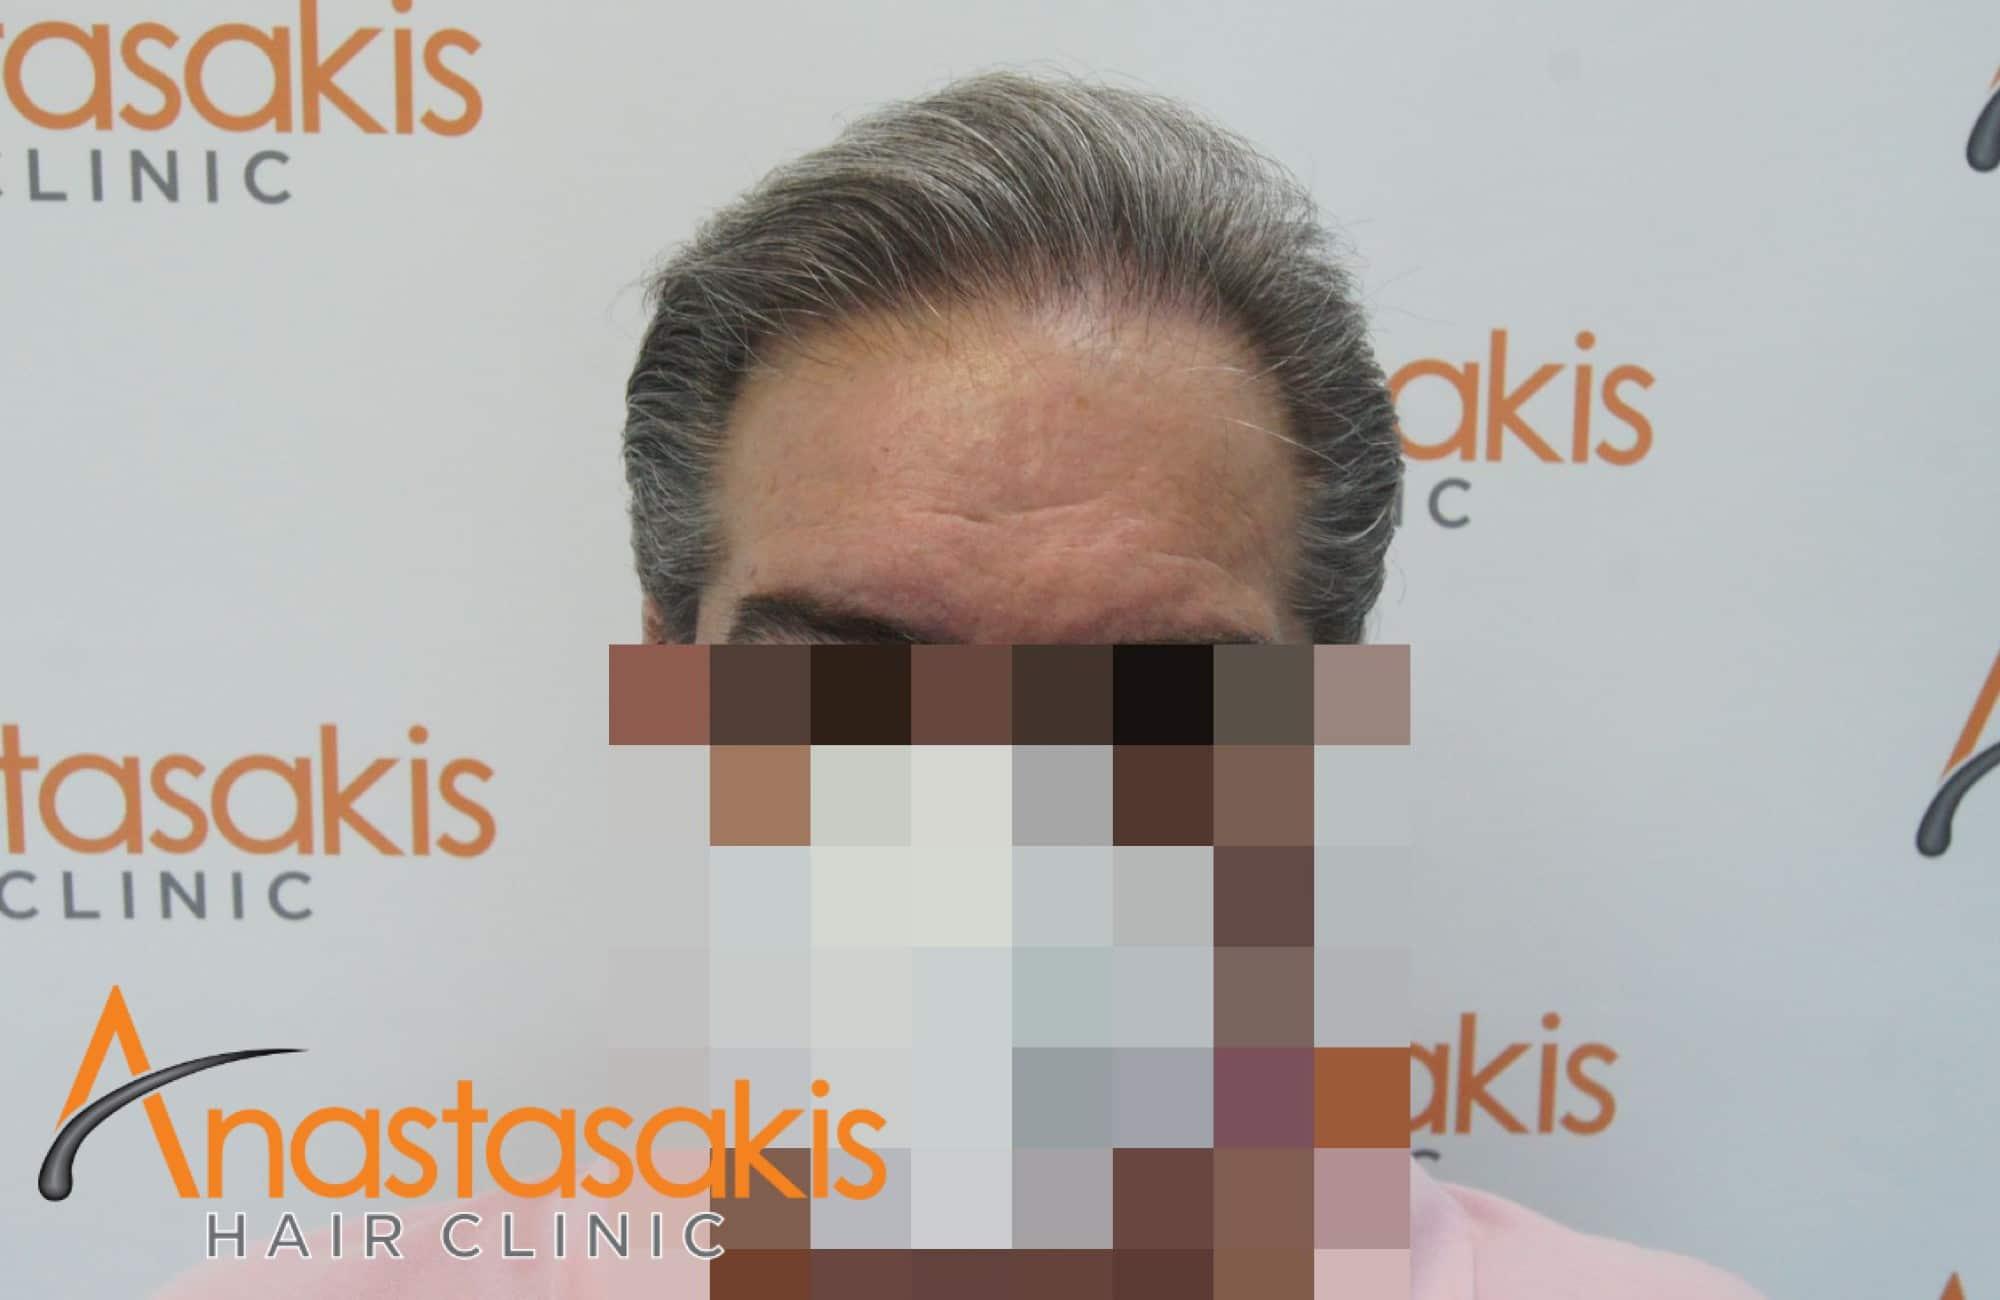 fullface 10 μηνες μετα τη μεταμοσχευση μαλλιων με 4008 fus